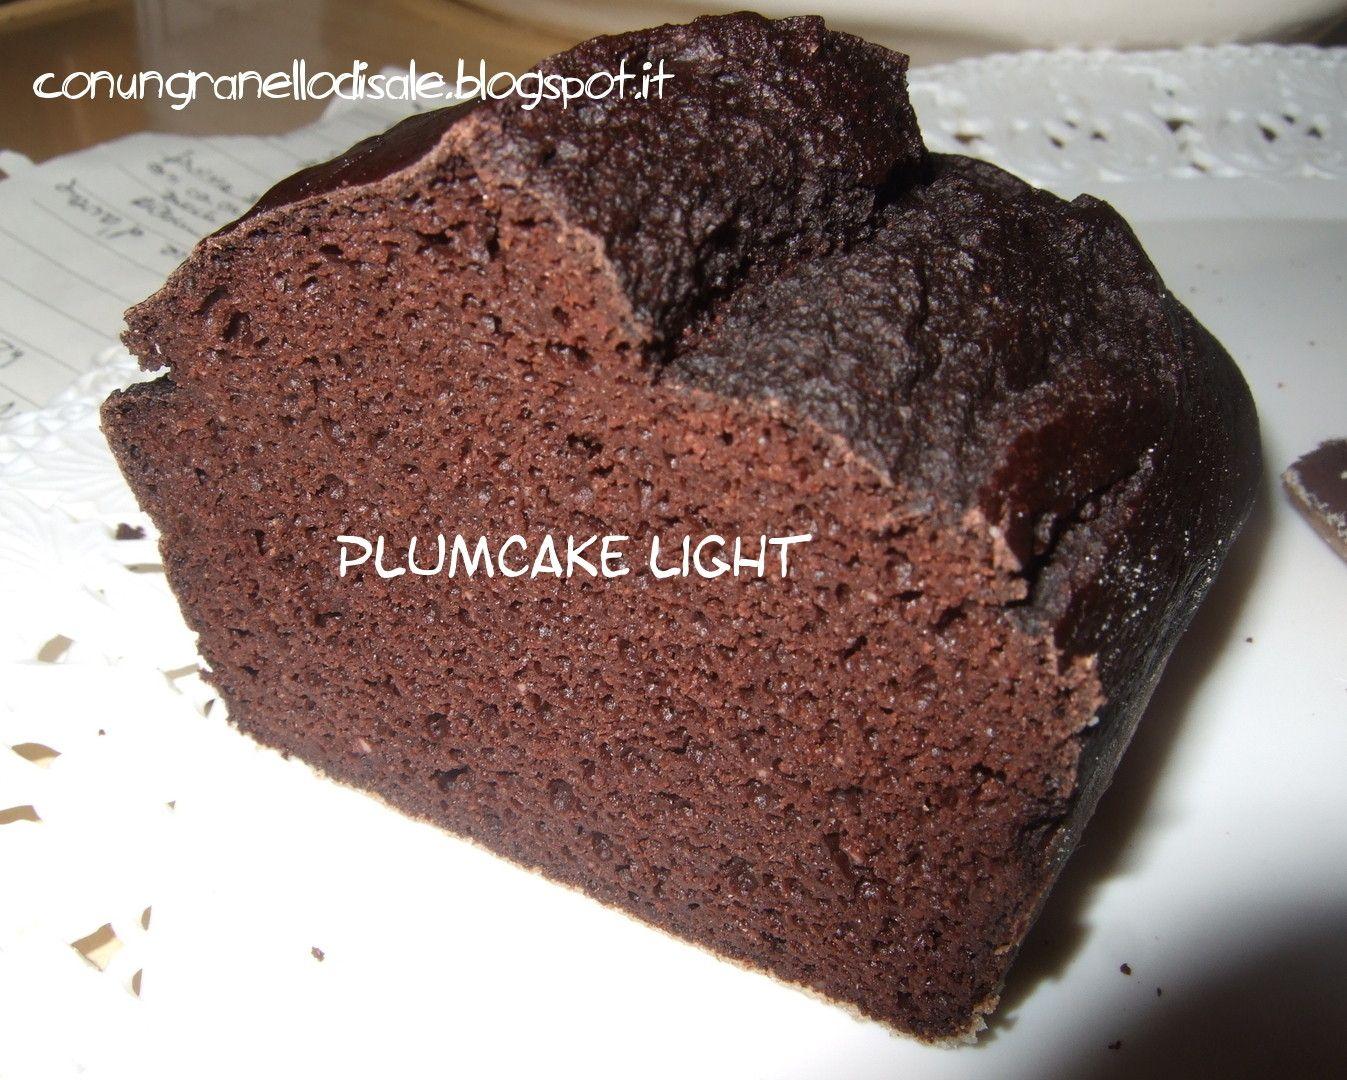 La cucina del generale dukan e dintorni: plumcake light ricotta